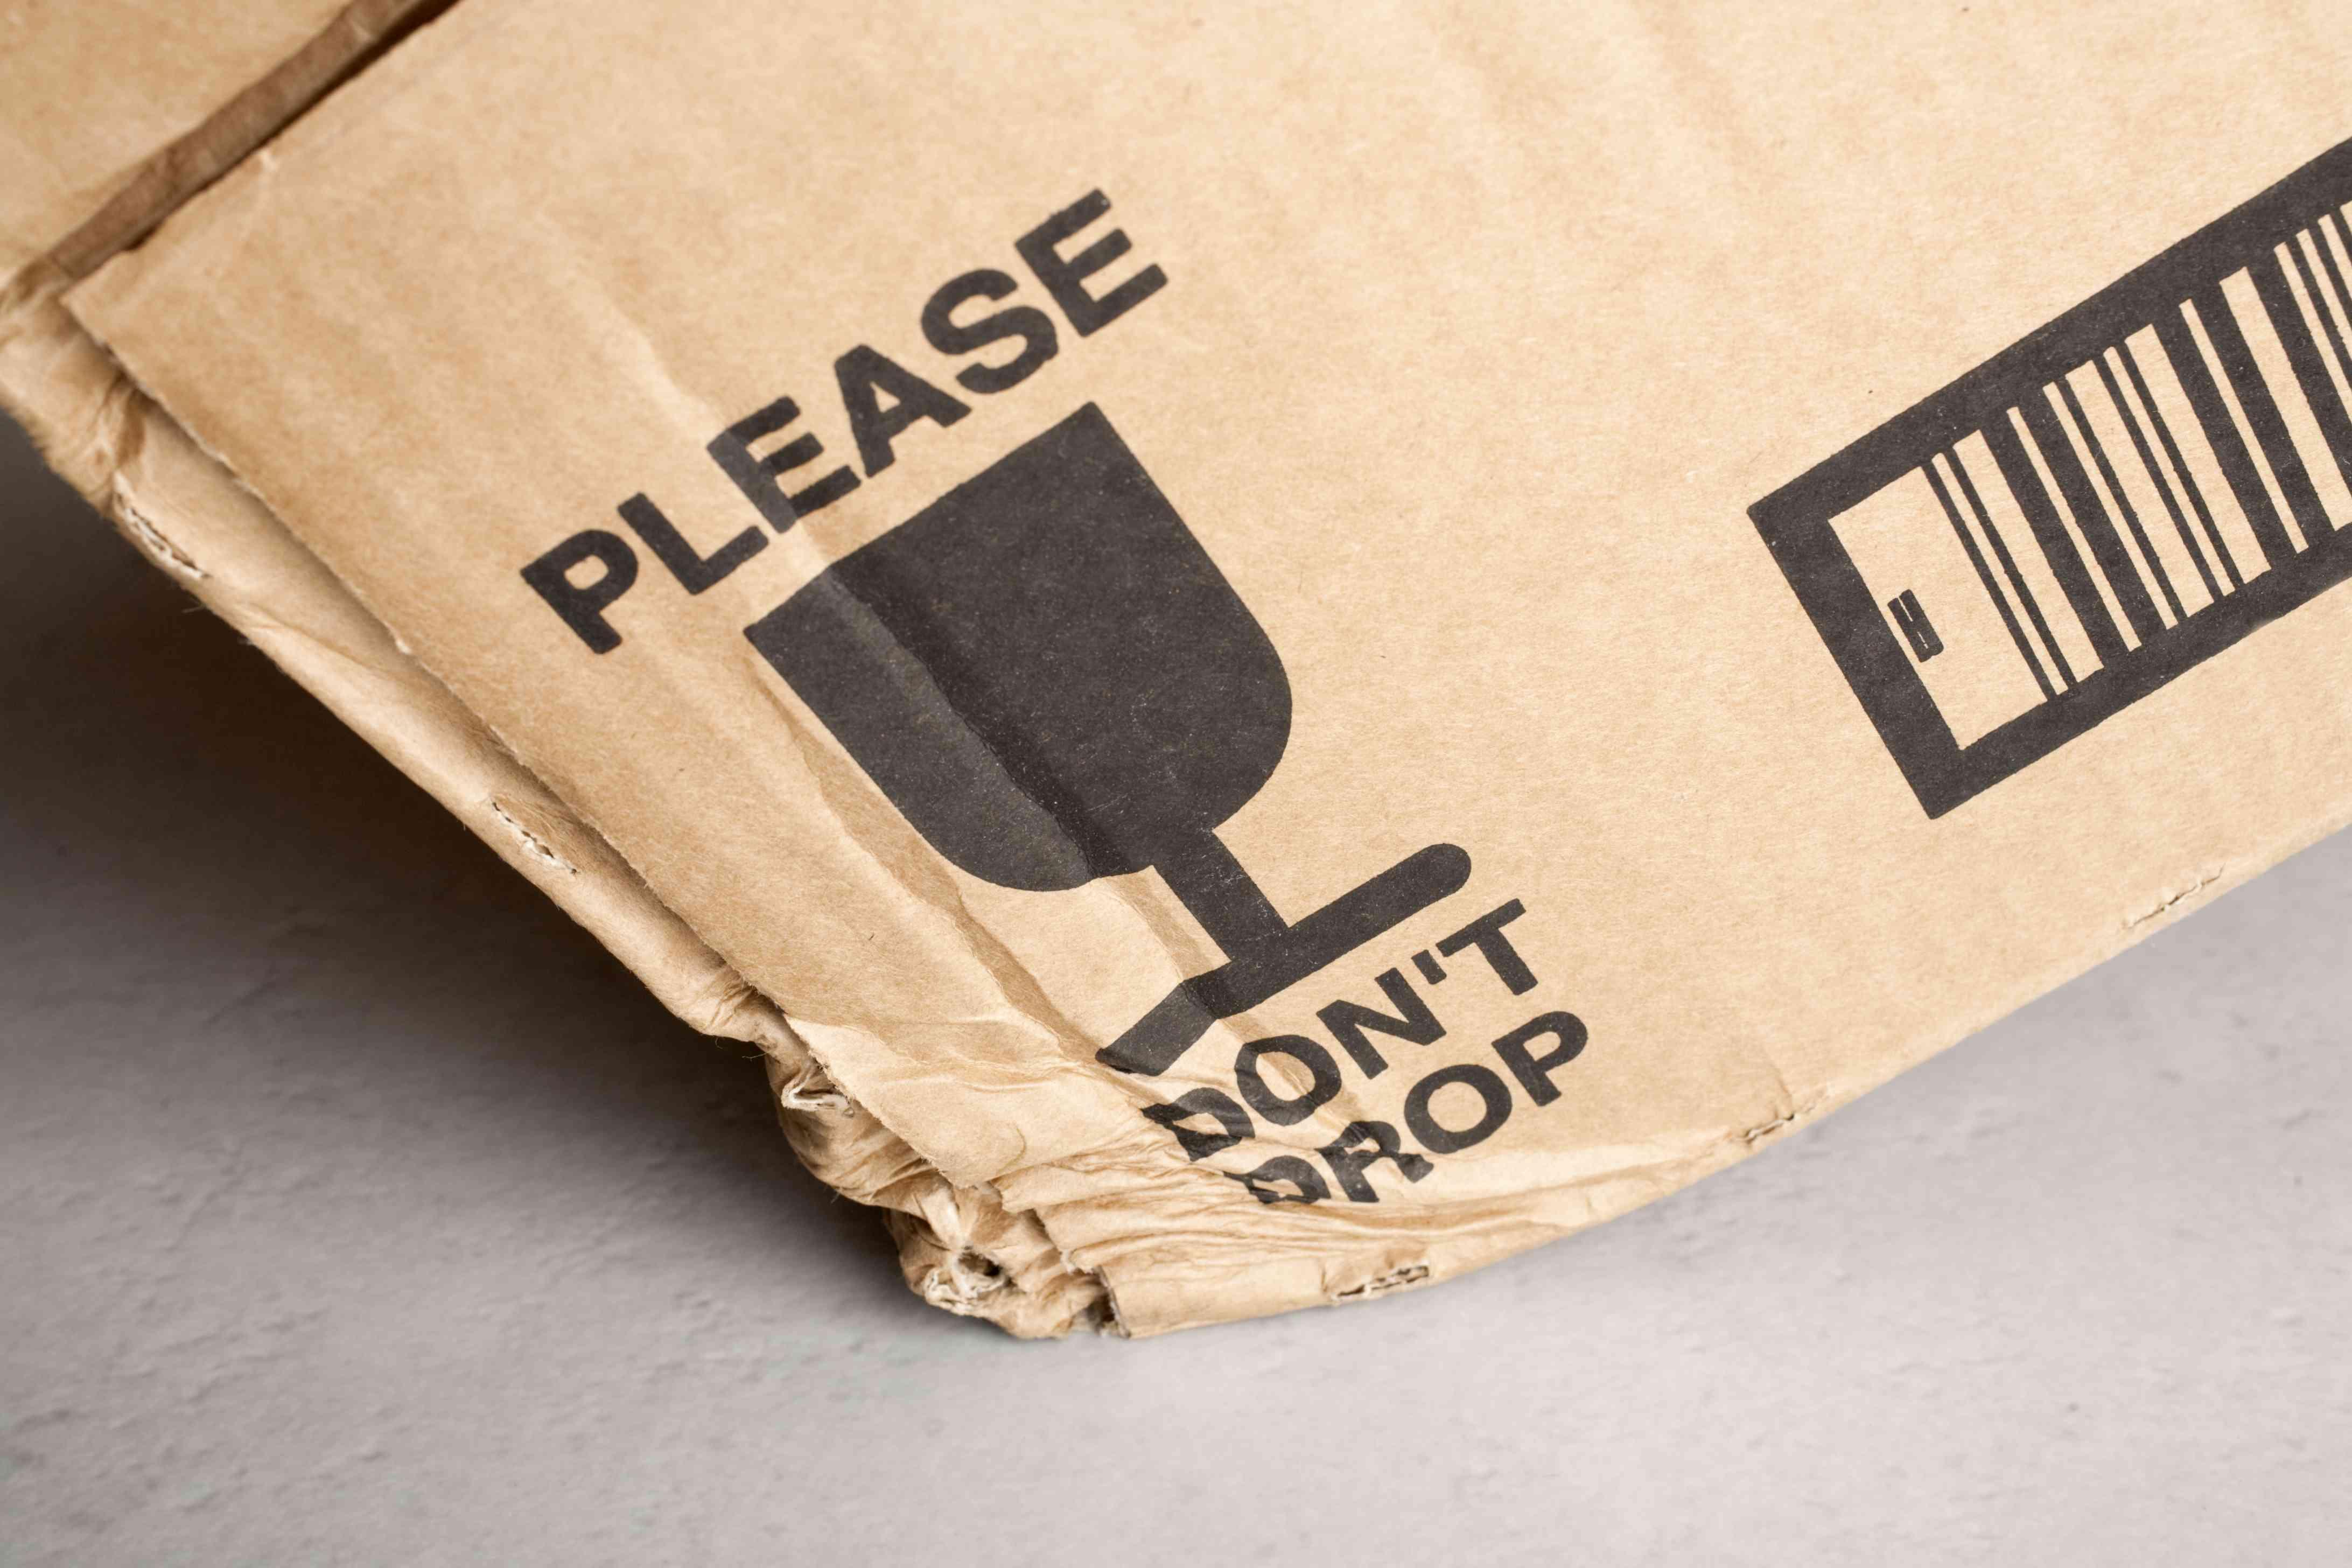 Dostałeś uszkodzoną przesyłkę? Sprawdź, co możesz zrobić w tej sytuacji